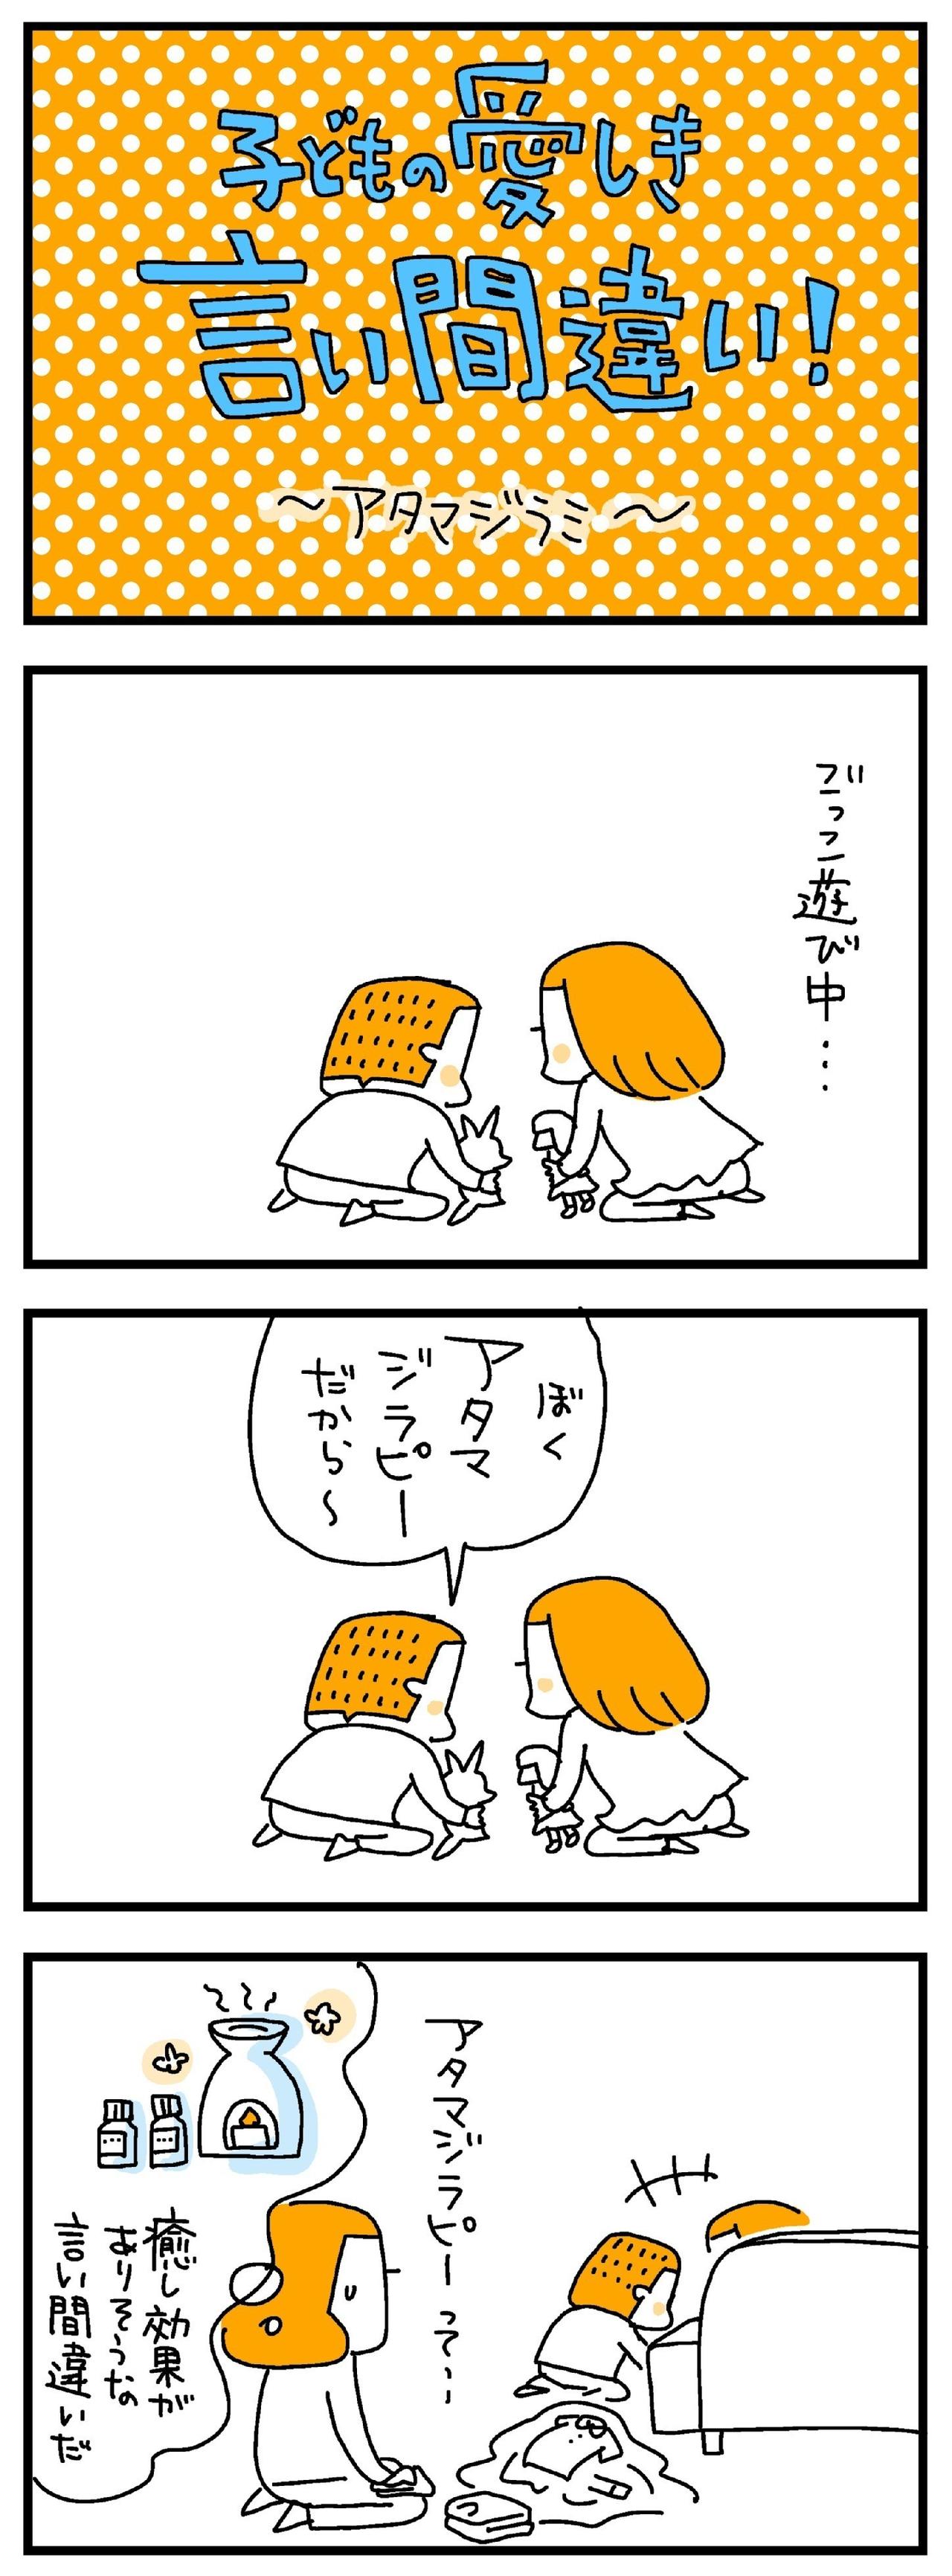 子どもの言い間違いは愛しい。そうそれが例え「アタマジラミ」でも!ブログはこちらから→ http://ameblo.jp/togetogeillust/entry-12241324360.html